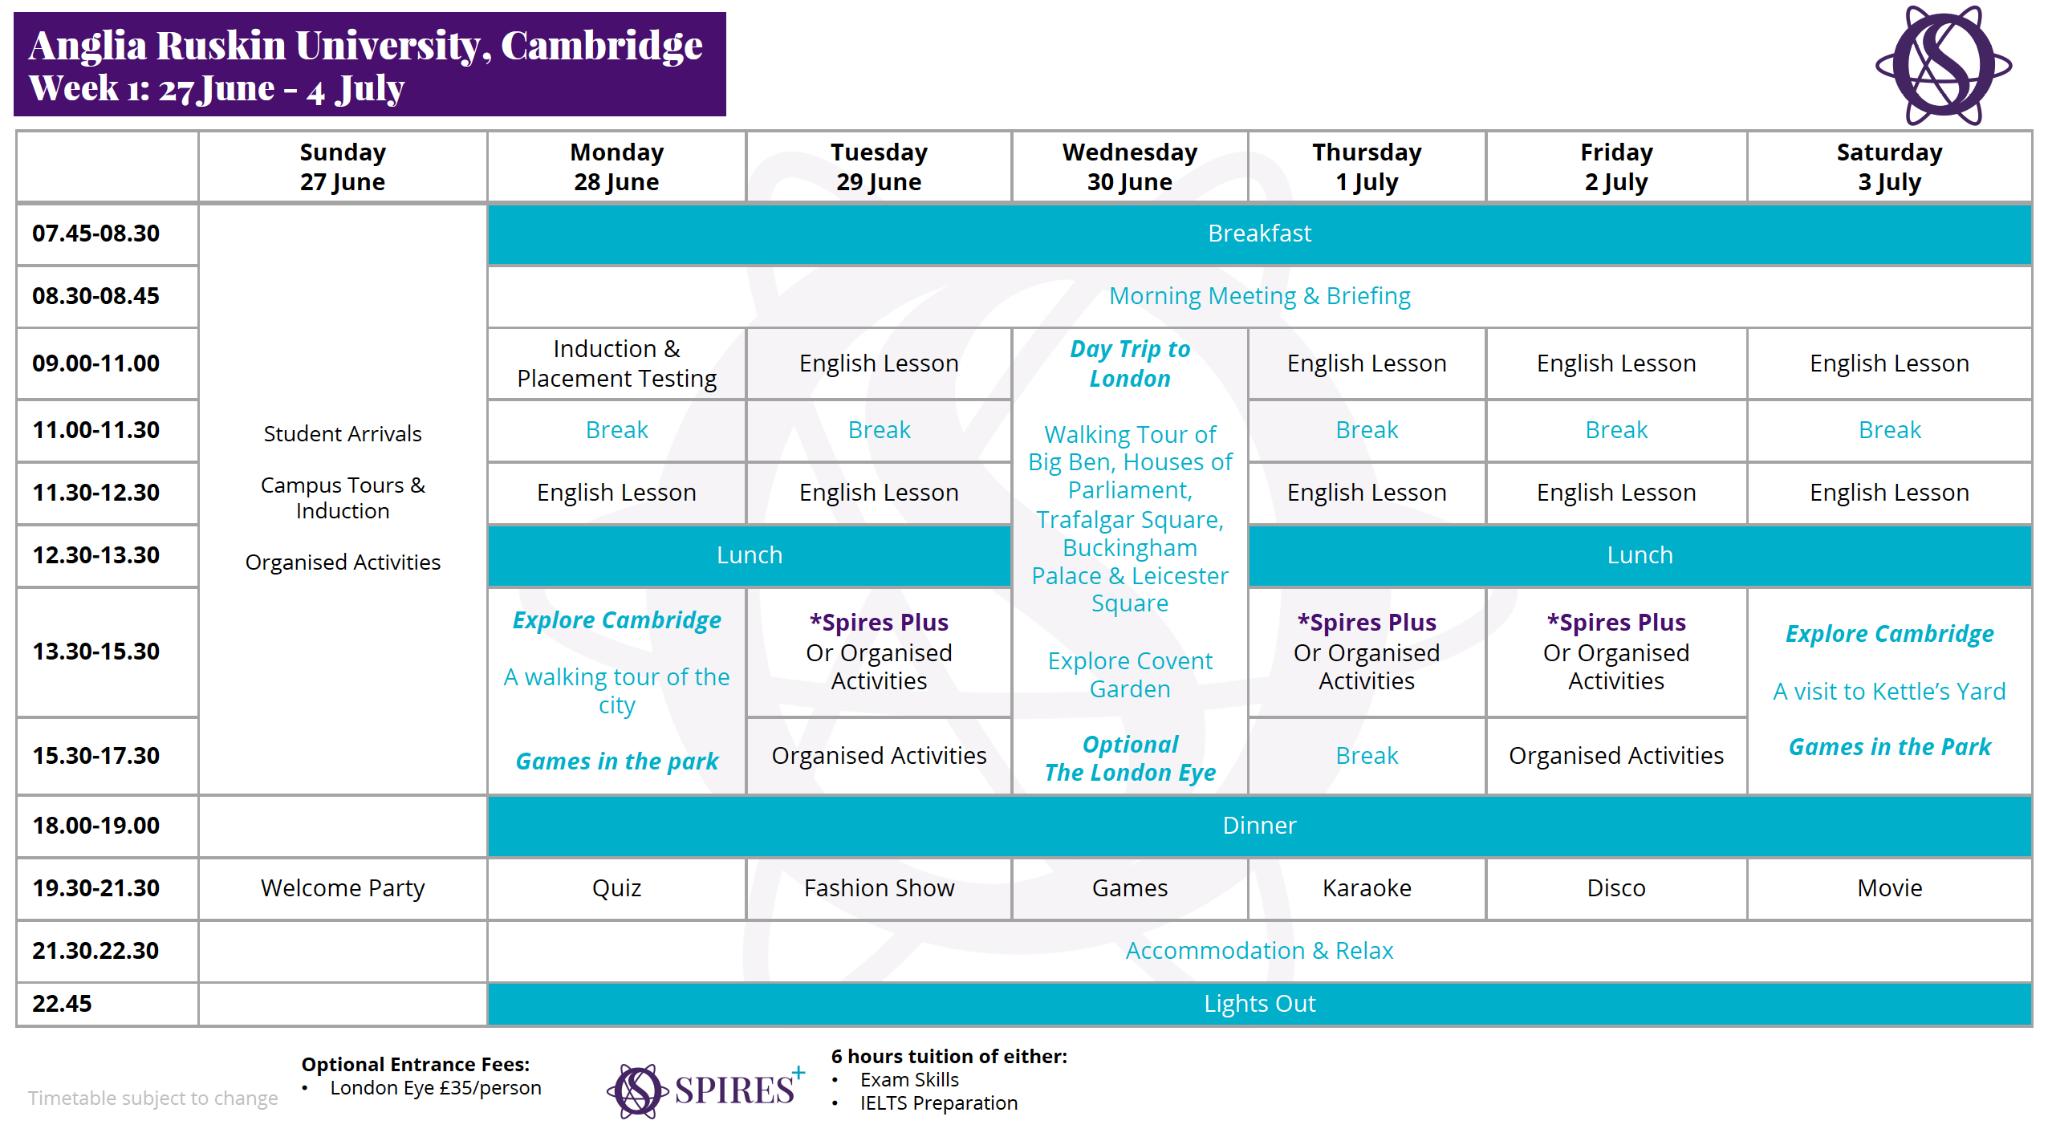 中学生 高校生 夏休み留学 短期留学 イギリス ケンブリッジ 英語+アクティビティ 大学寮 寮滞在